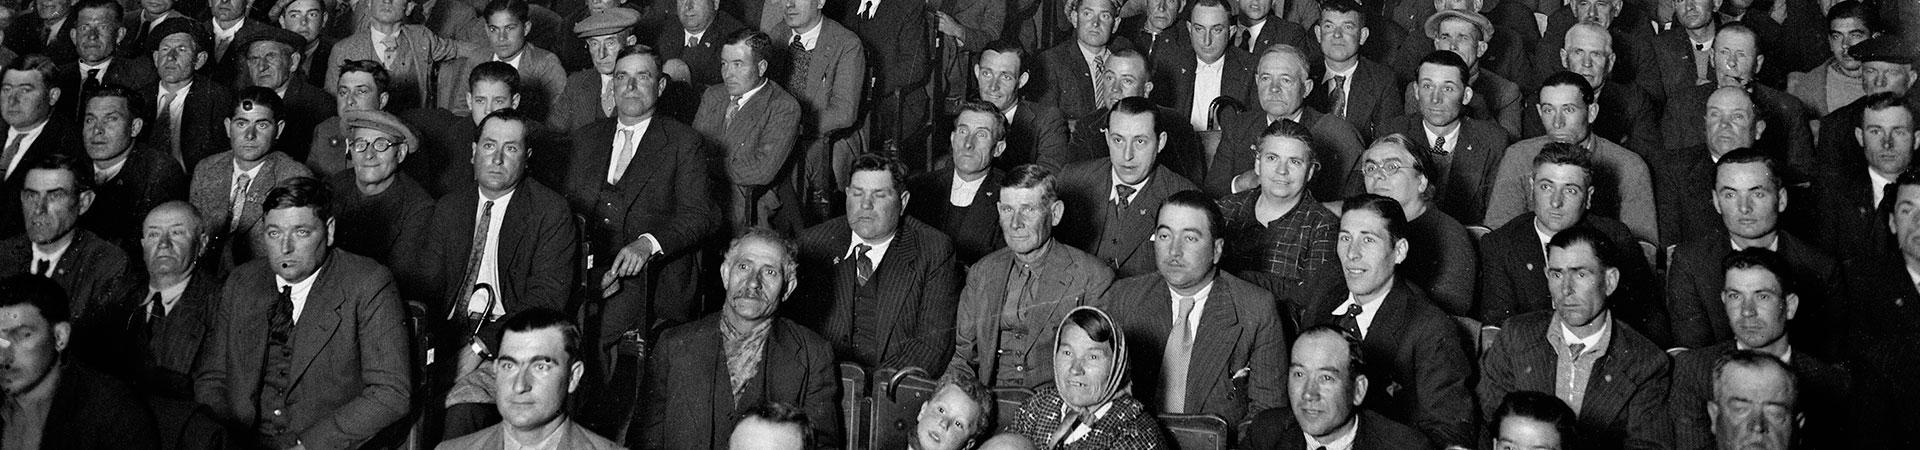 Público en el teatre Romea. Barcelona, años 20-30. Col. Merletti / IEFC